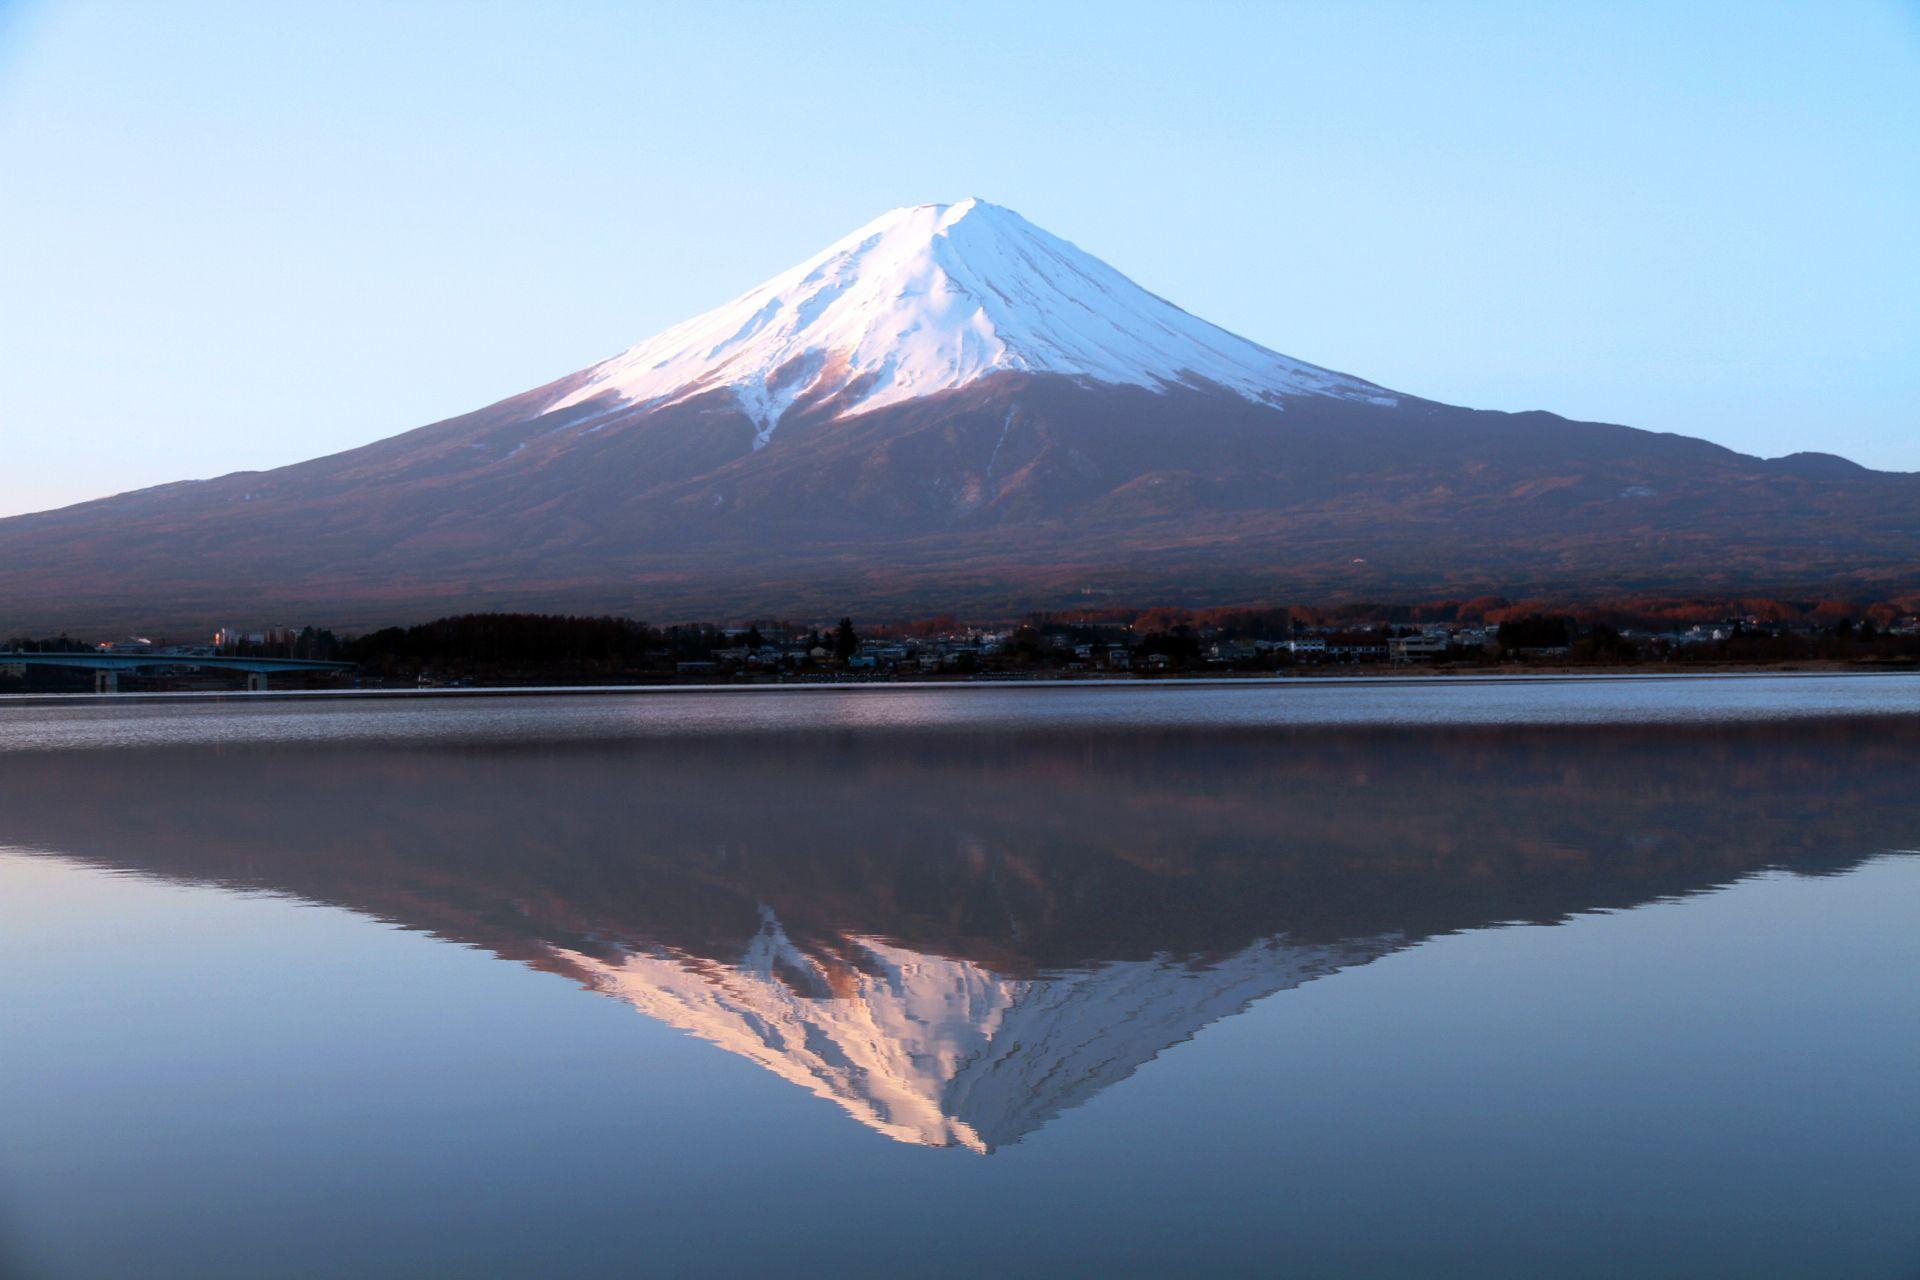 Mt. Fuji Lake Kawaguchi Oshino Hakkai 1 Day Bus Tour